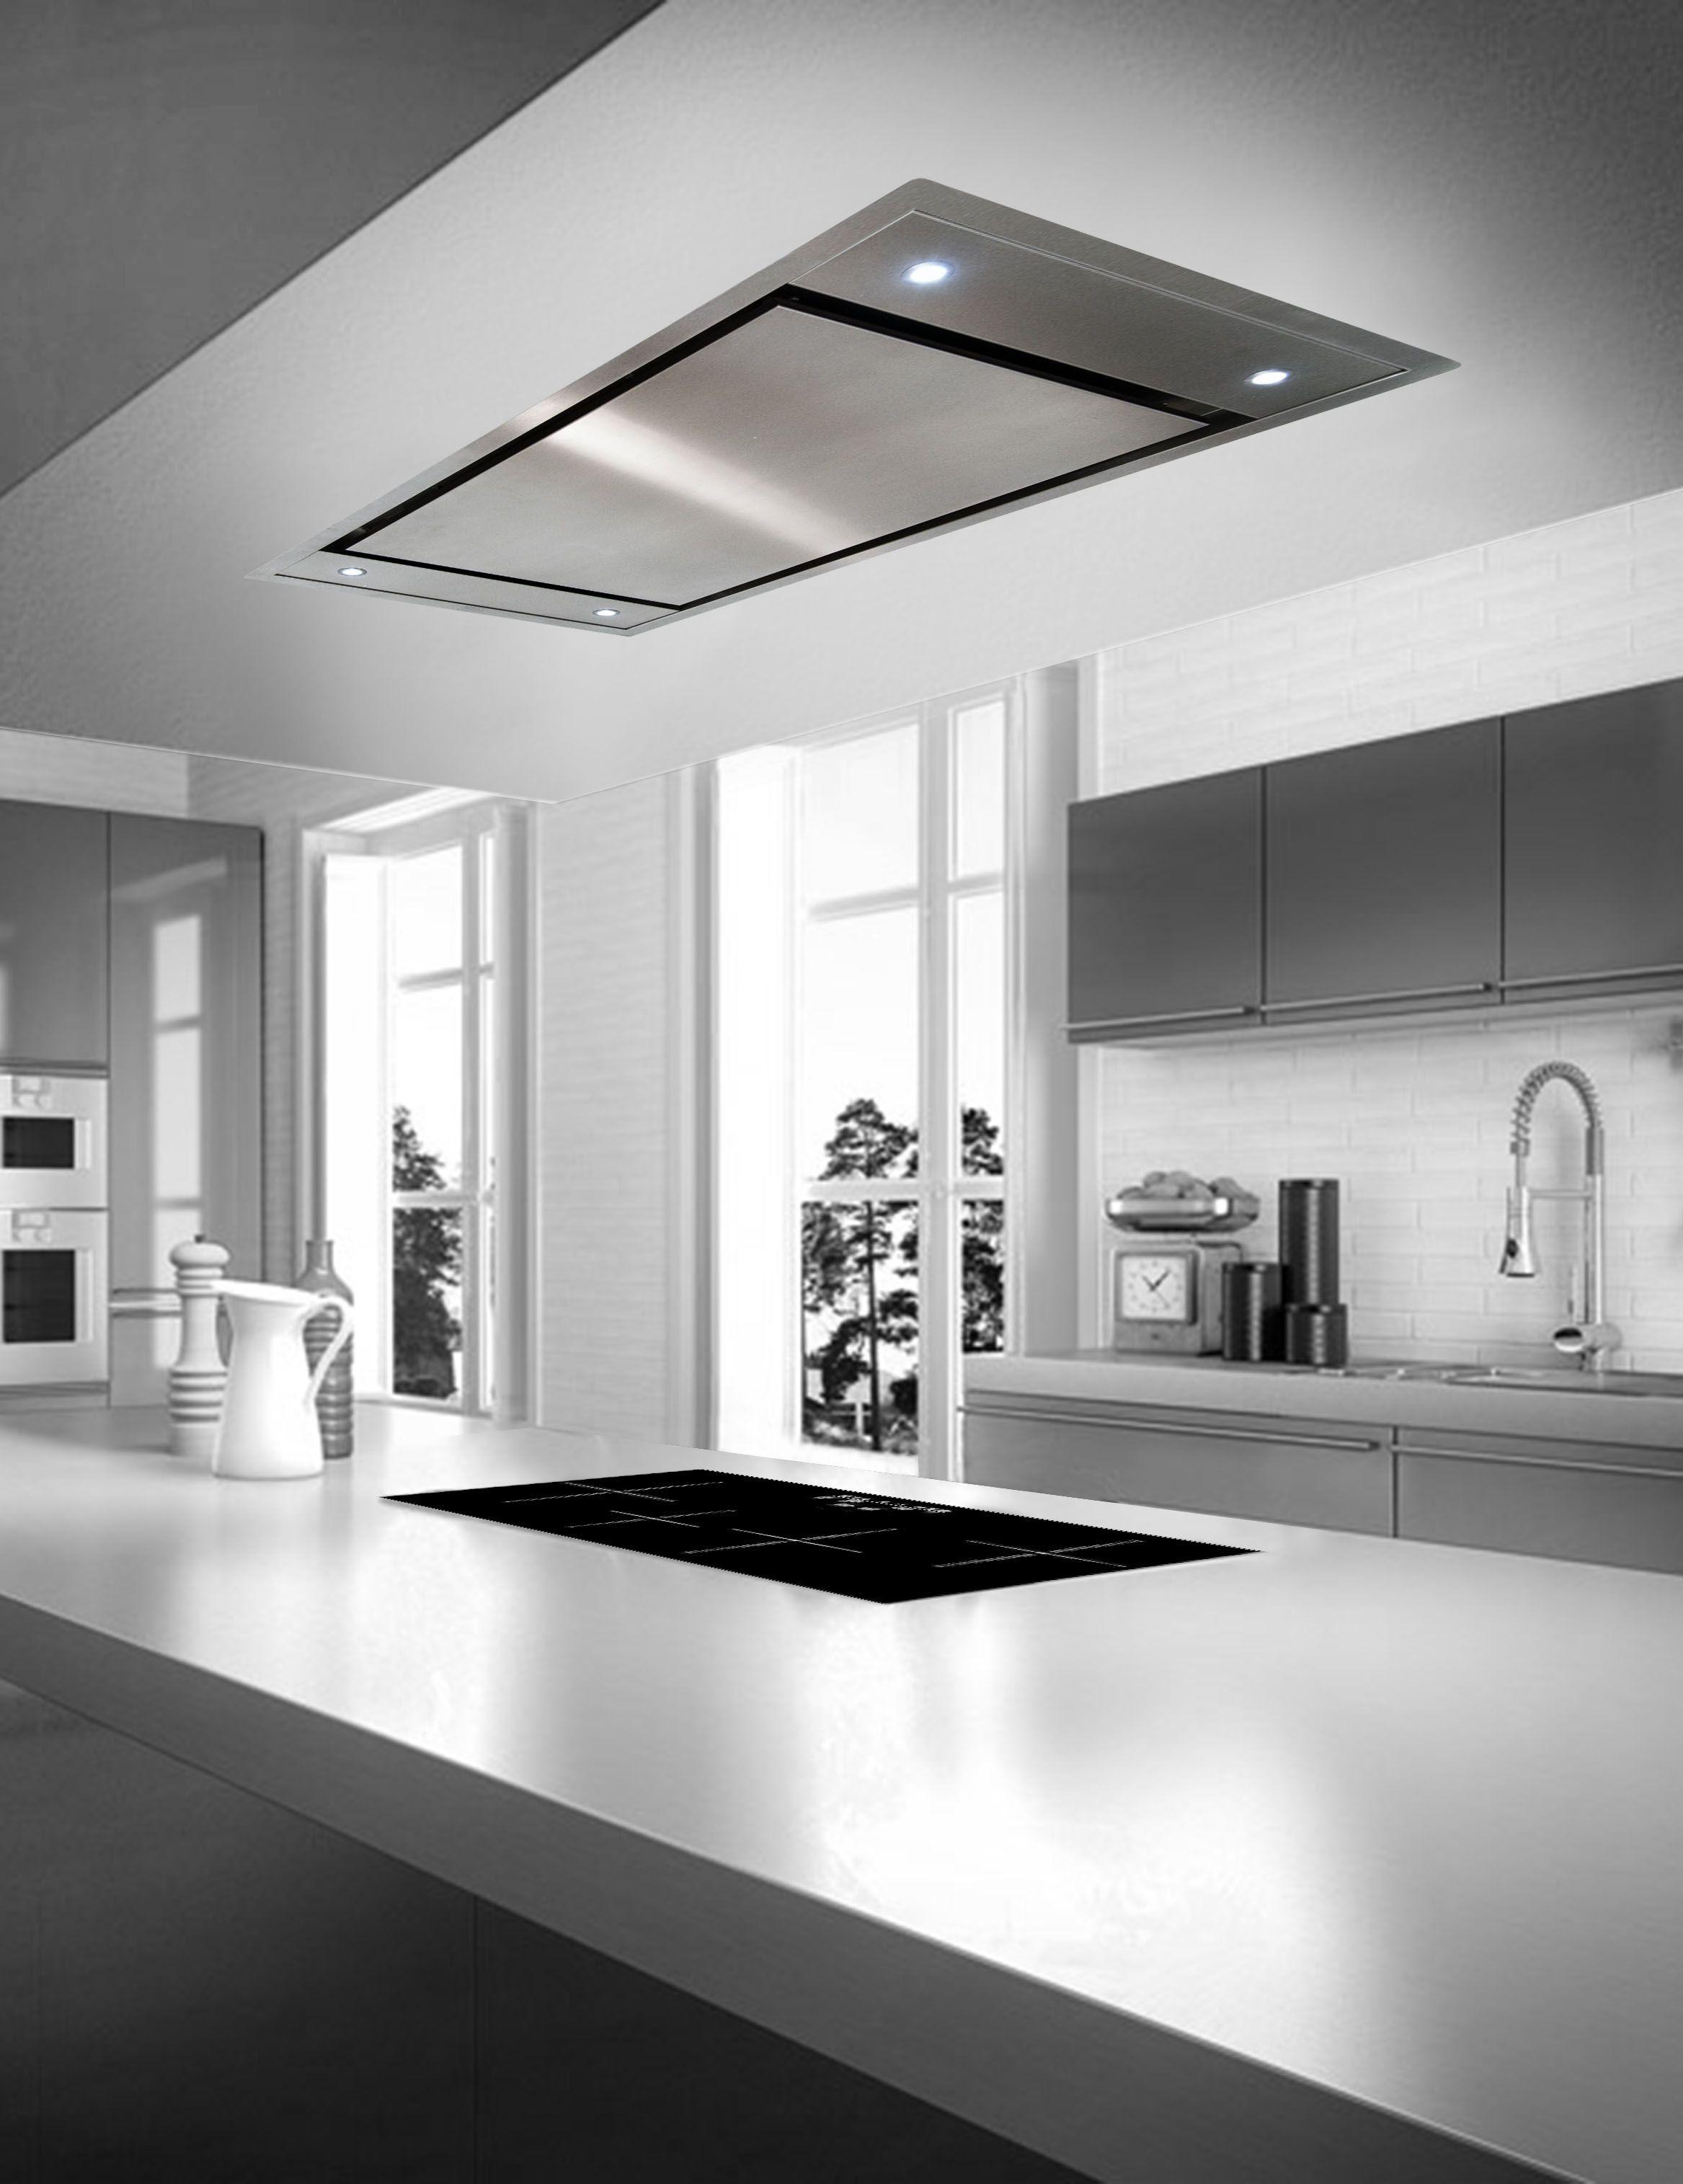 Zefiro Ce120 Flush Mount Island Ceiling Hoods Kitchen